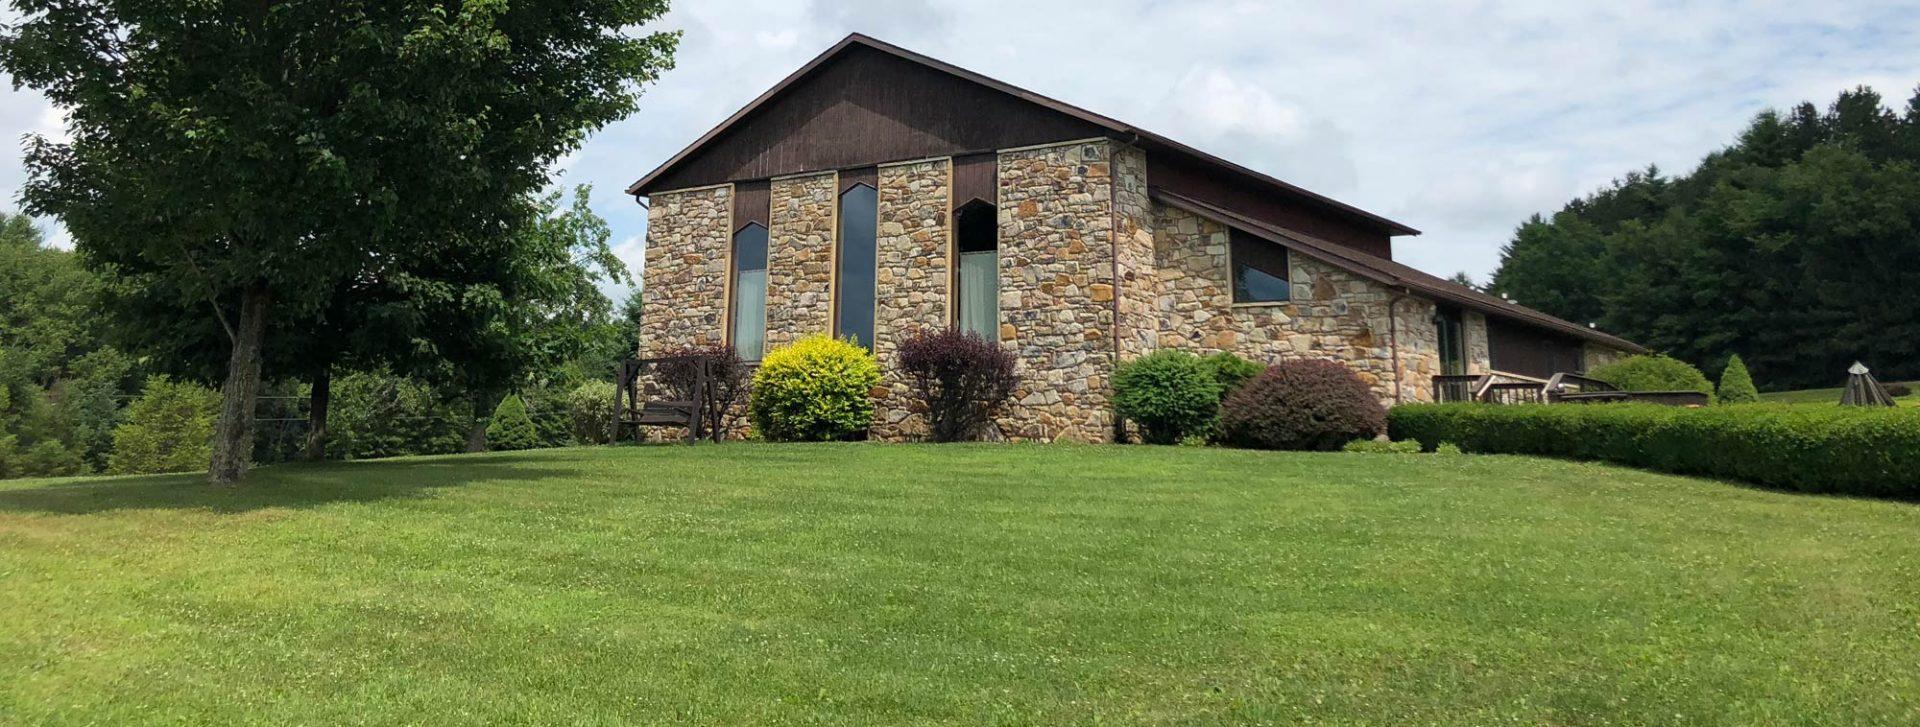 Bethany Retreat Center